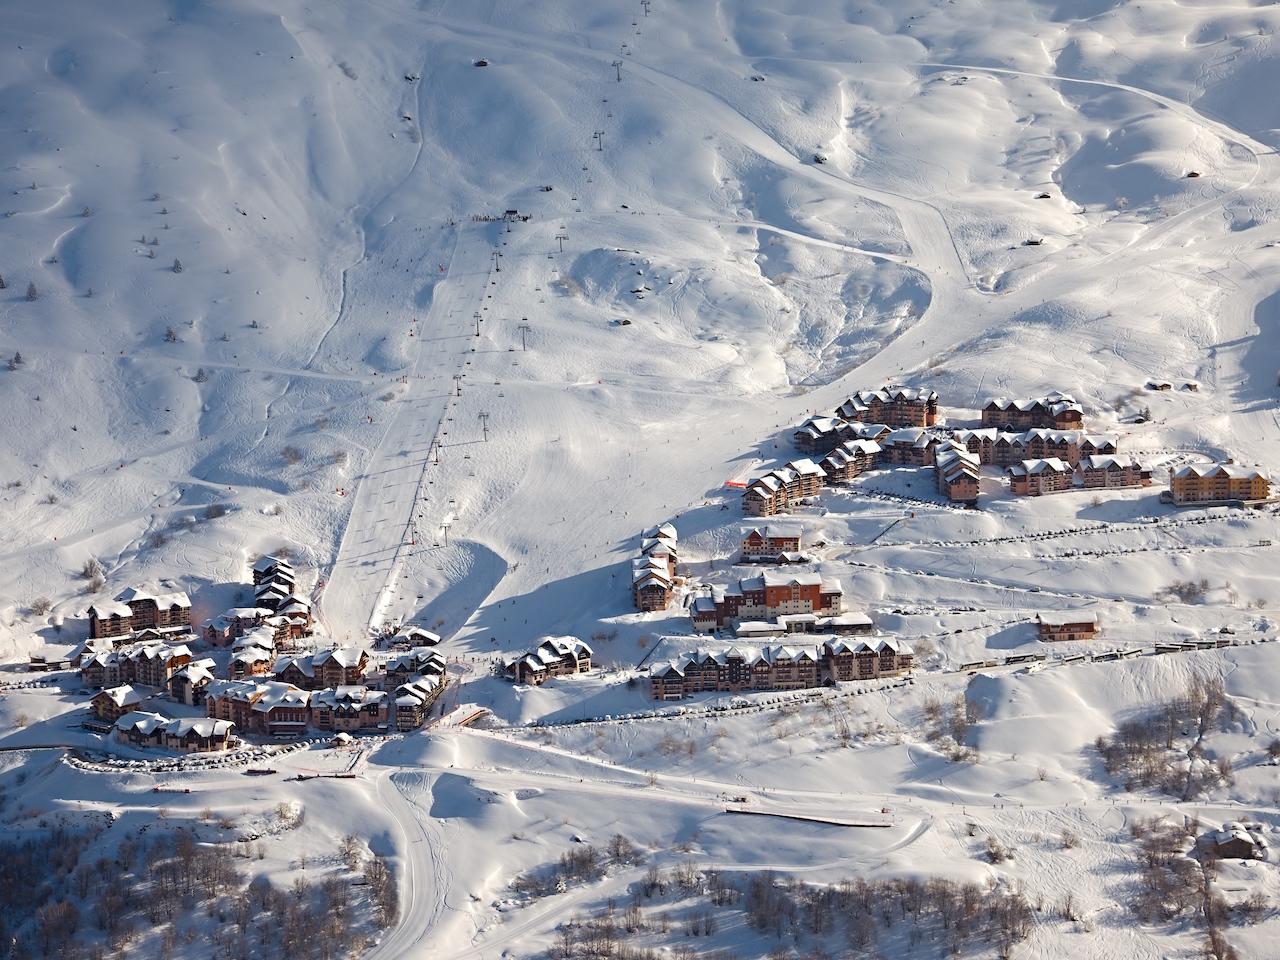 Valmeinier 1800 l appartement neuf Le Celeste Alpes l Stone & Living